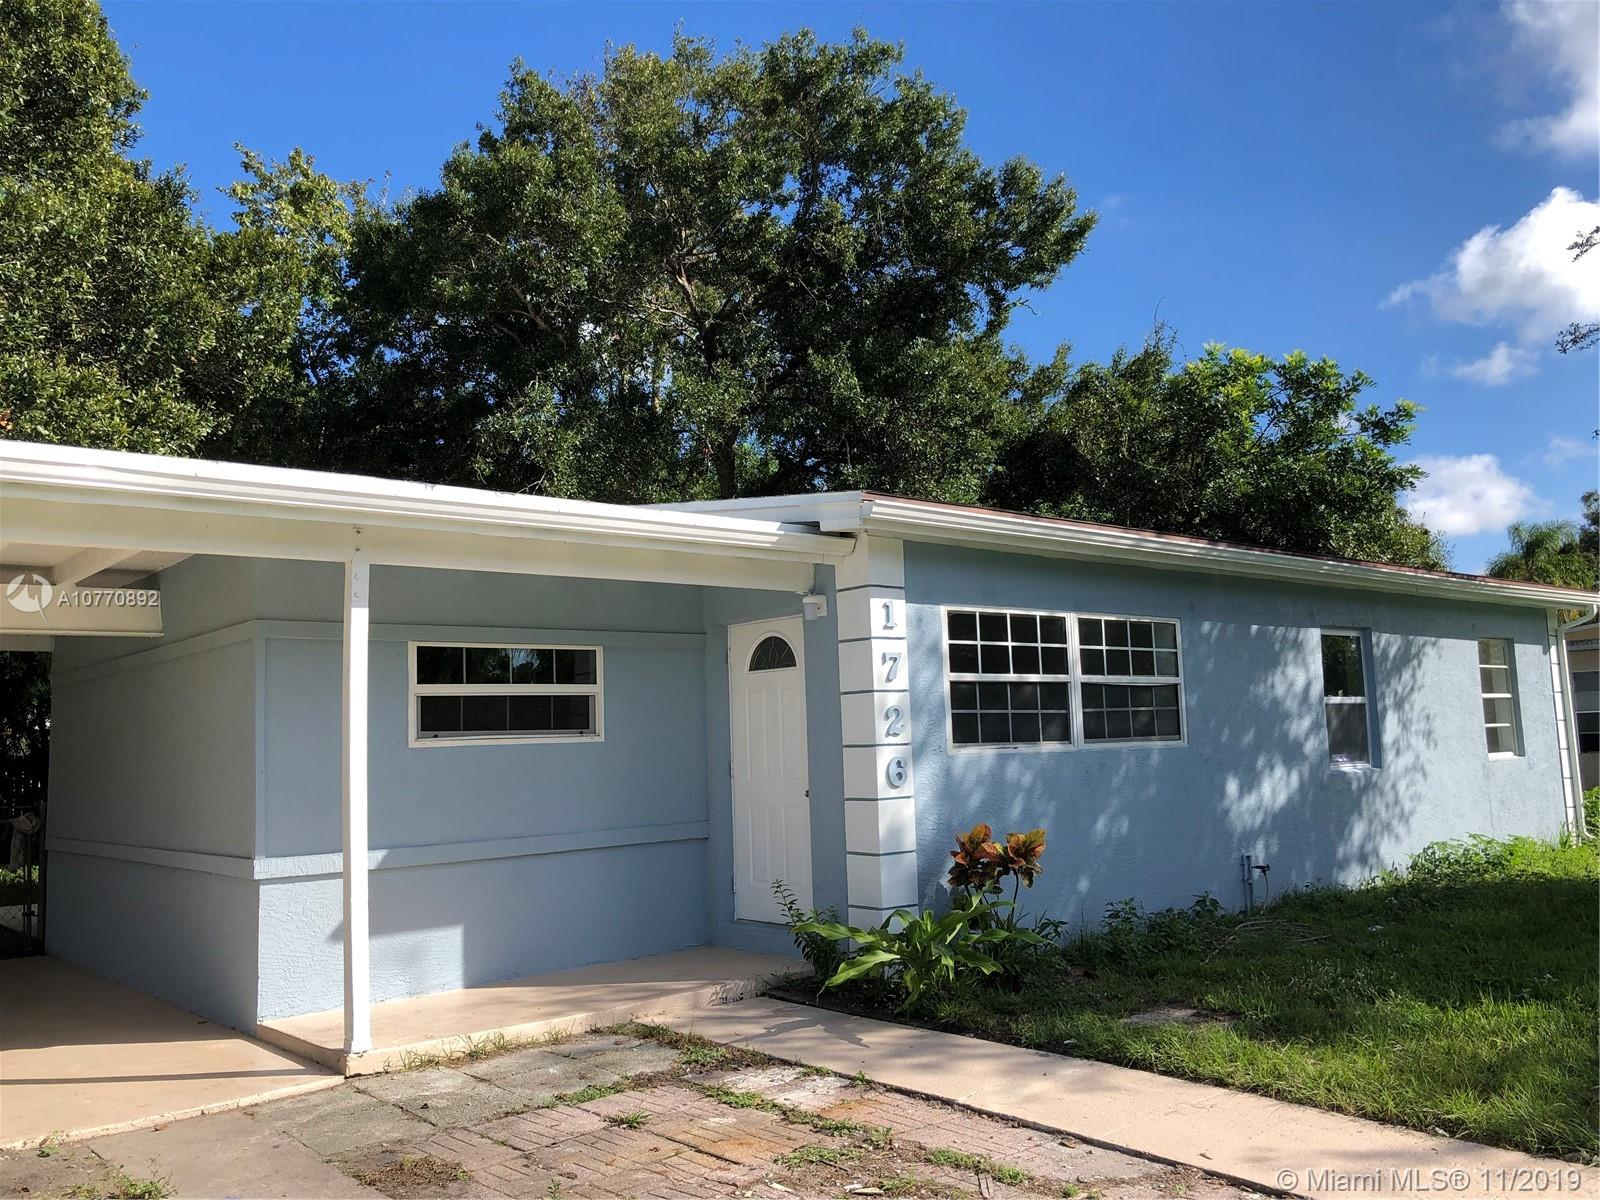 1726 30th Ave, Vero Beach, FL 32960